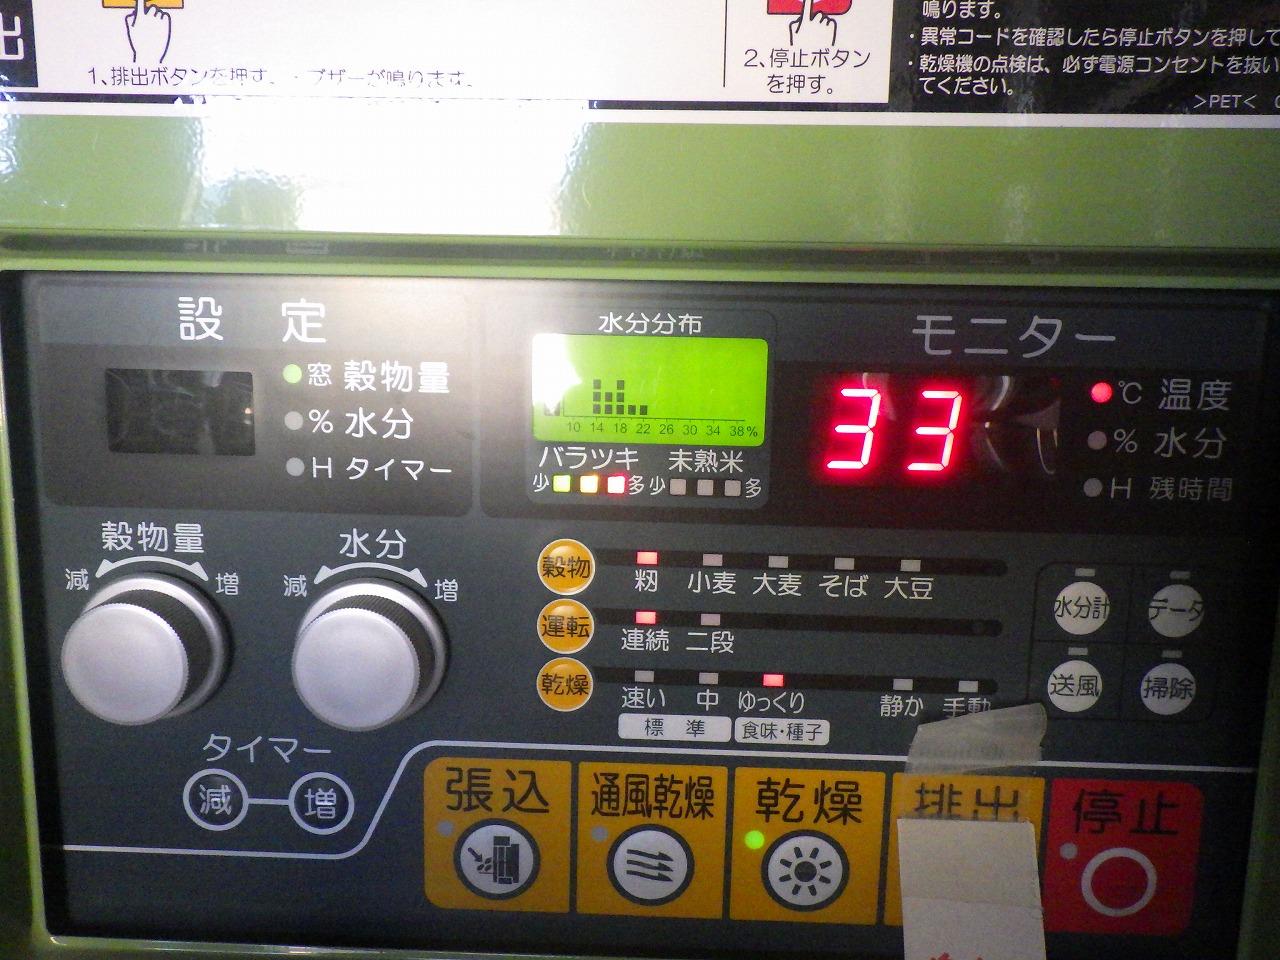 乾燥機モニター.jpg